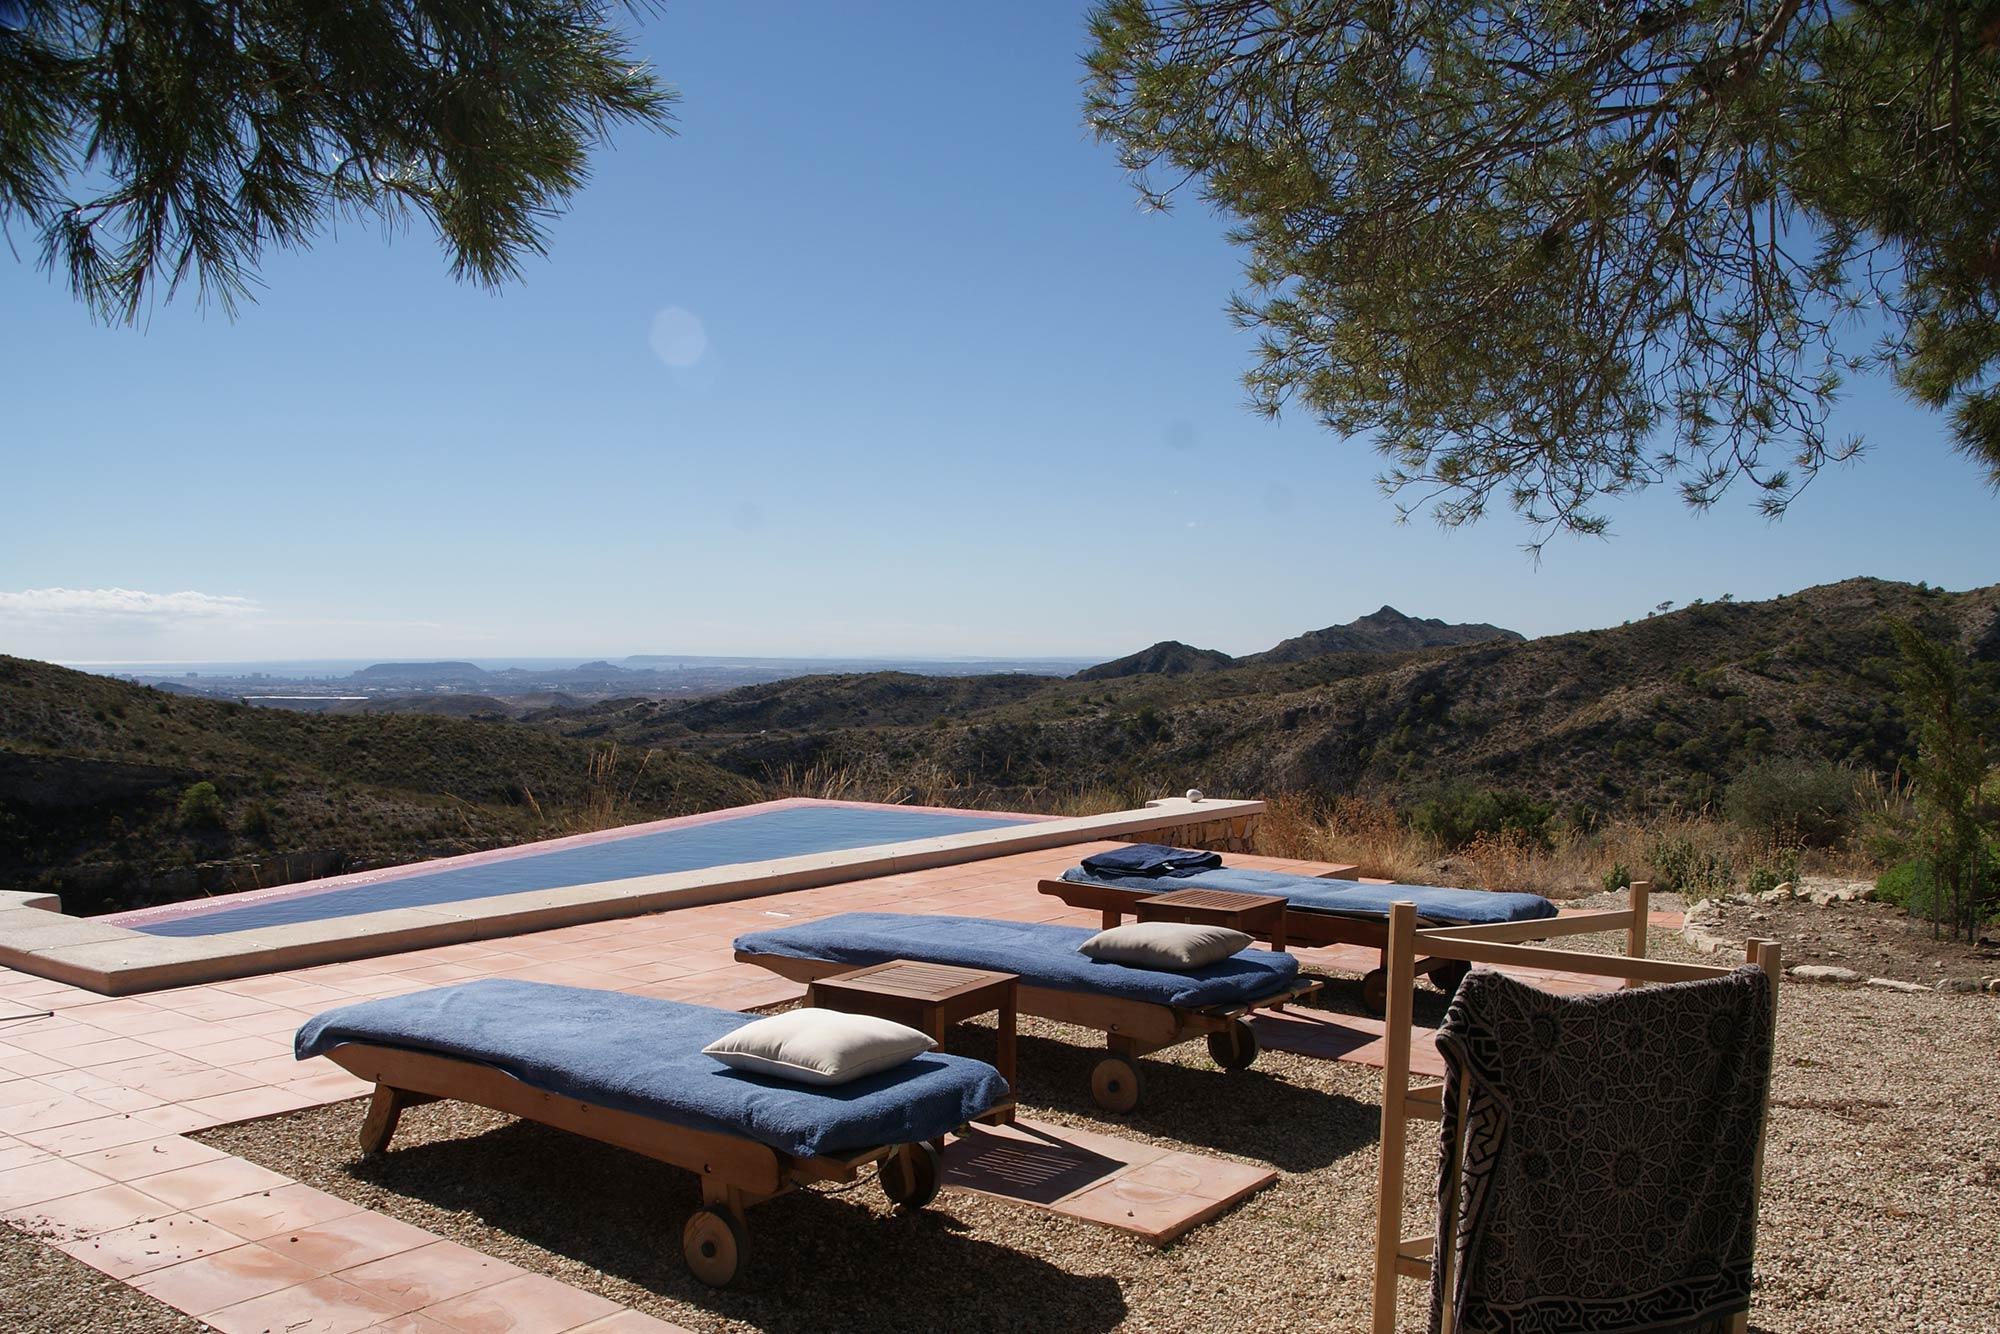 Nach dem Essen kann man am Pool des Ferienhauses entspannen